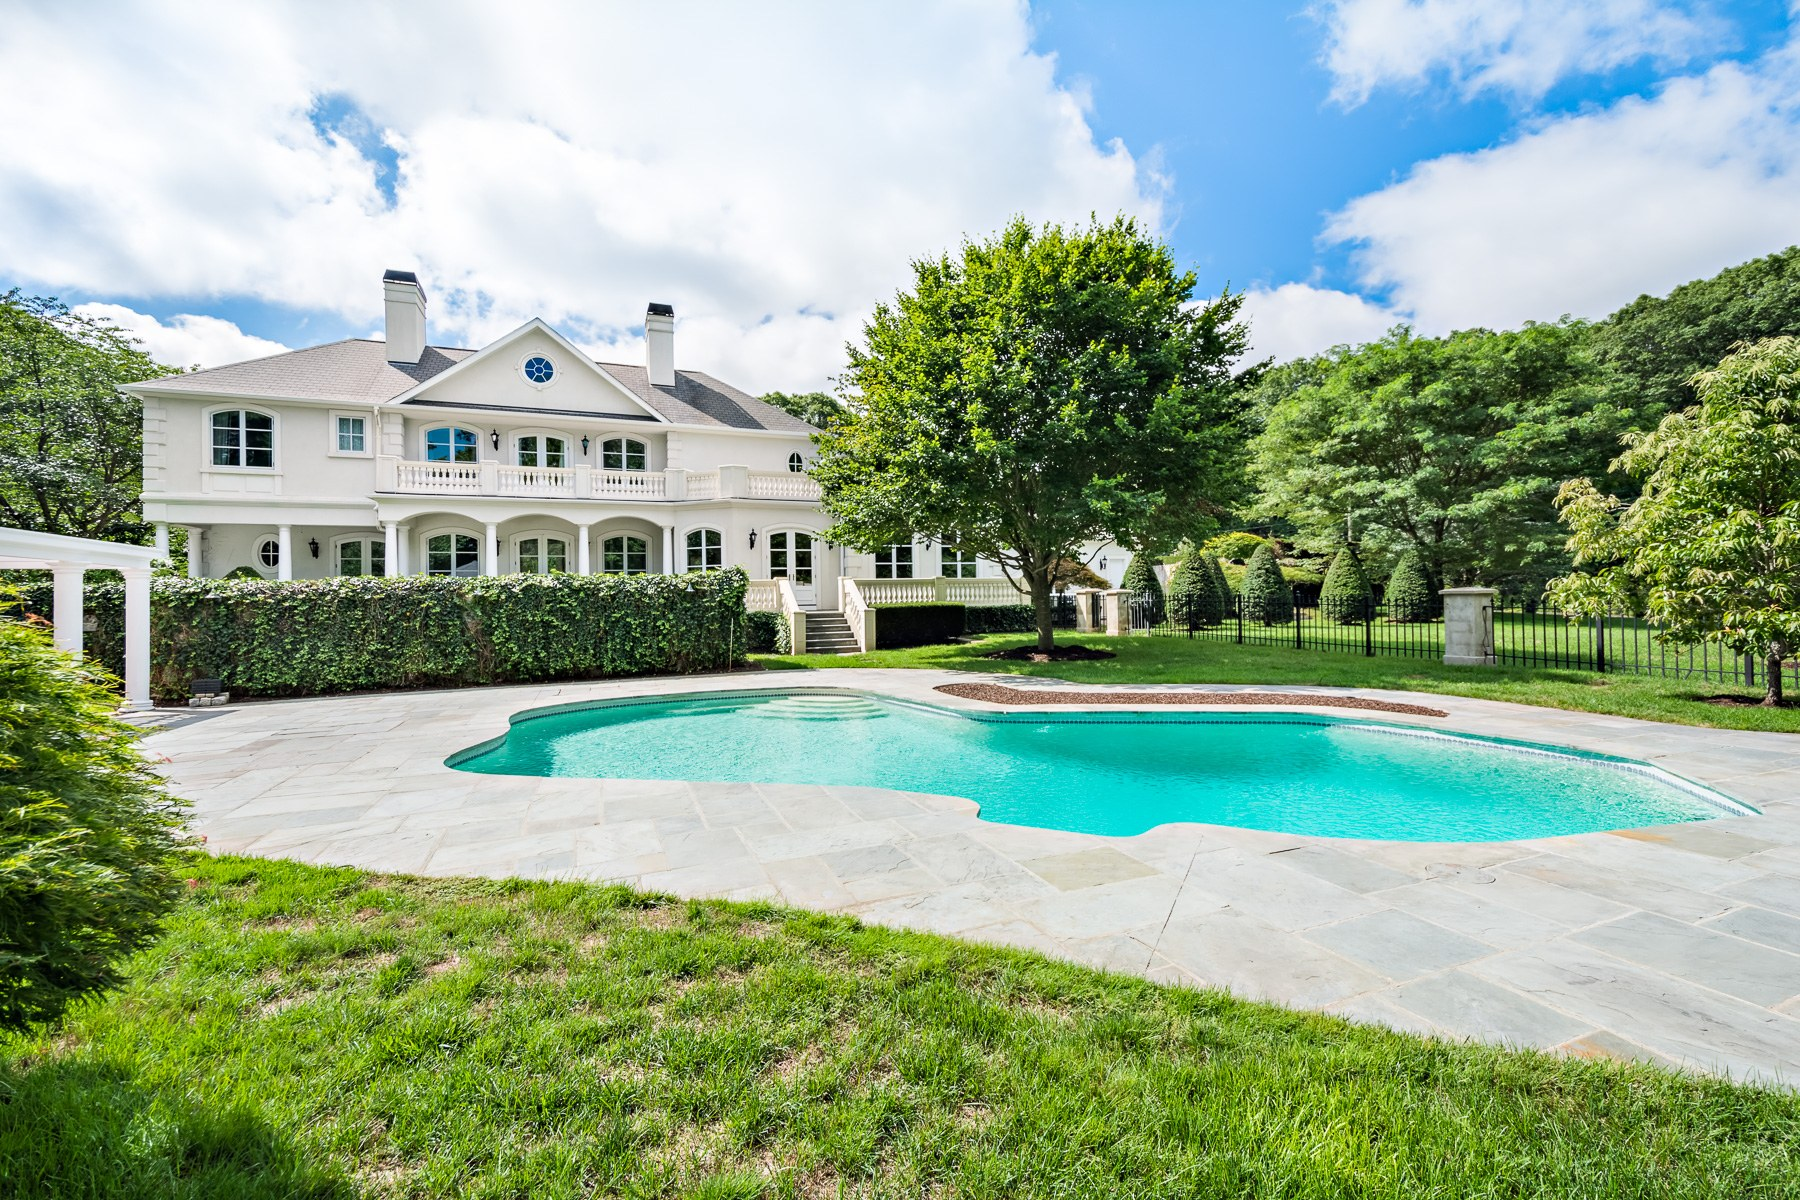 Single Family Homes για την Πώληση στο 2061 Frenchtown Rd., East Greenwich, RI East Greenwich, Ροουντ Αϊλαντ 02818 Ηνωμένες Πολιτείες